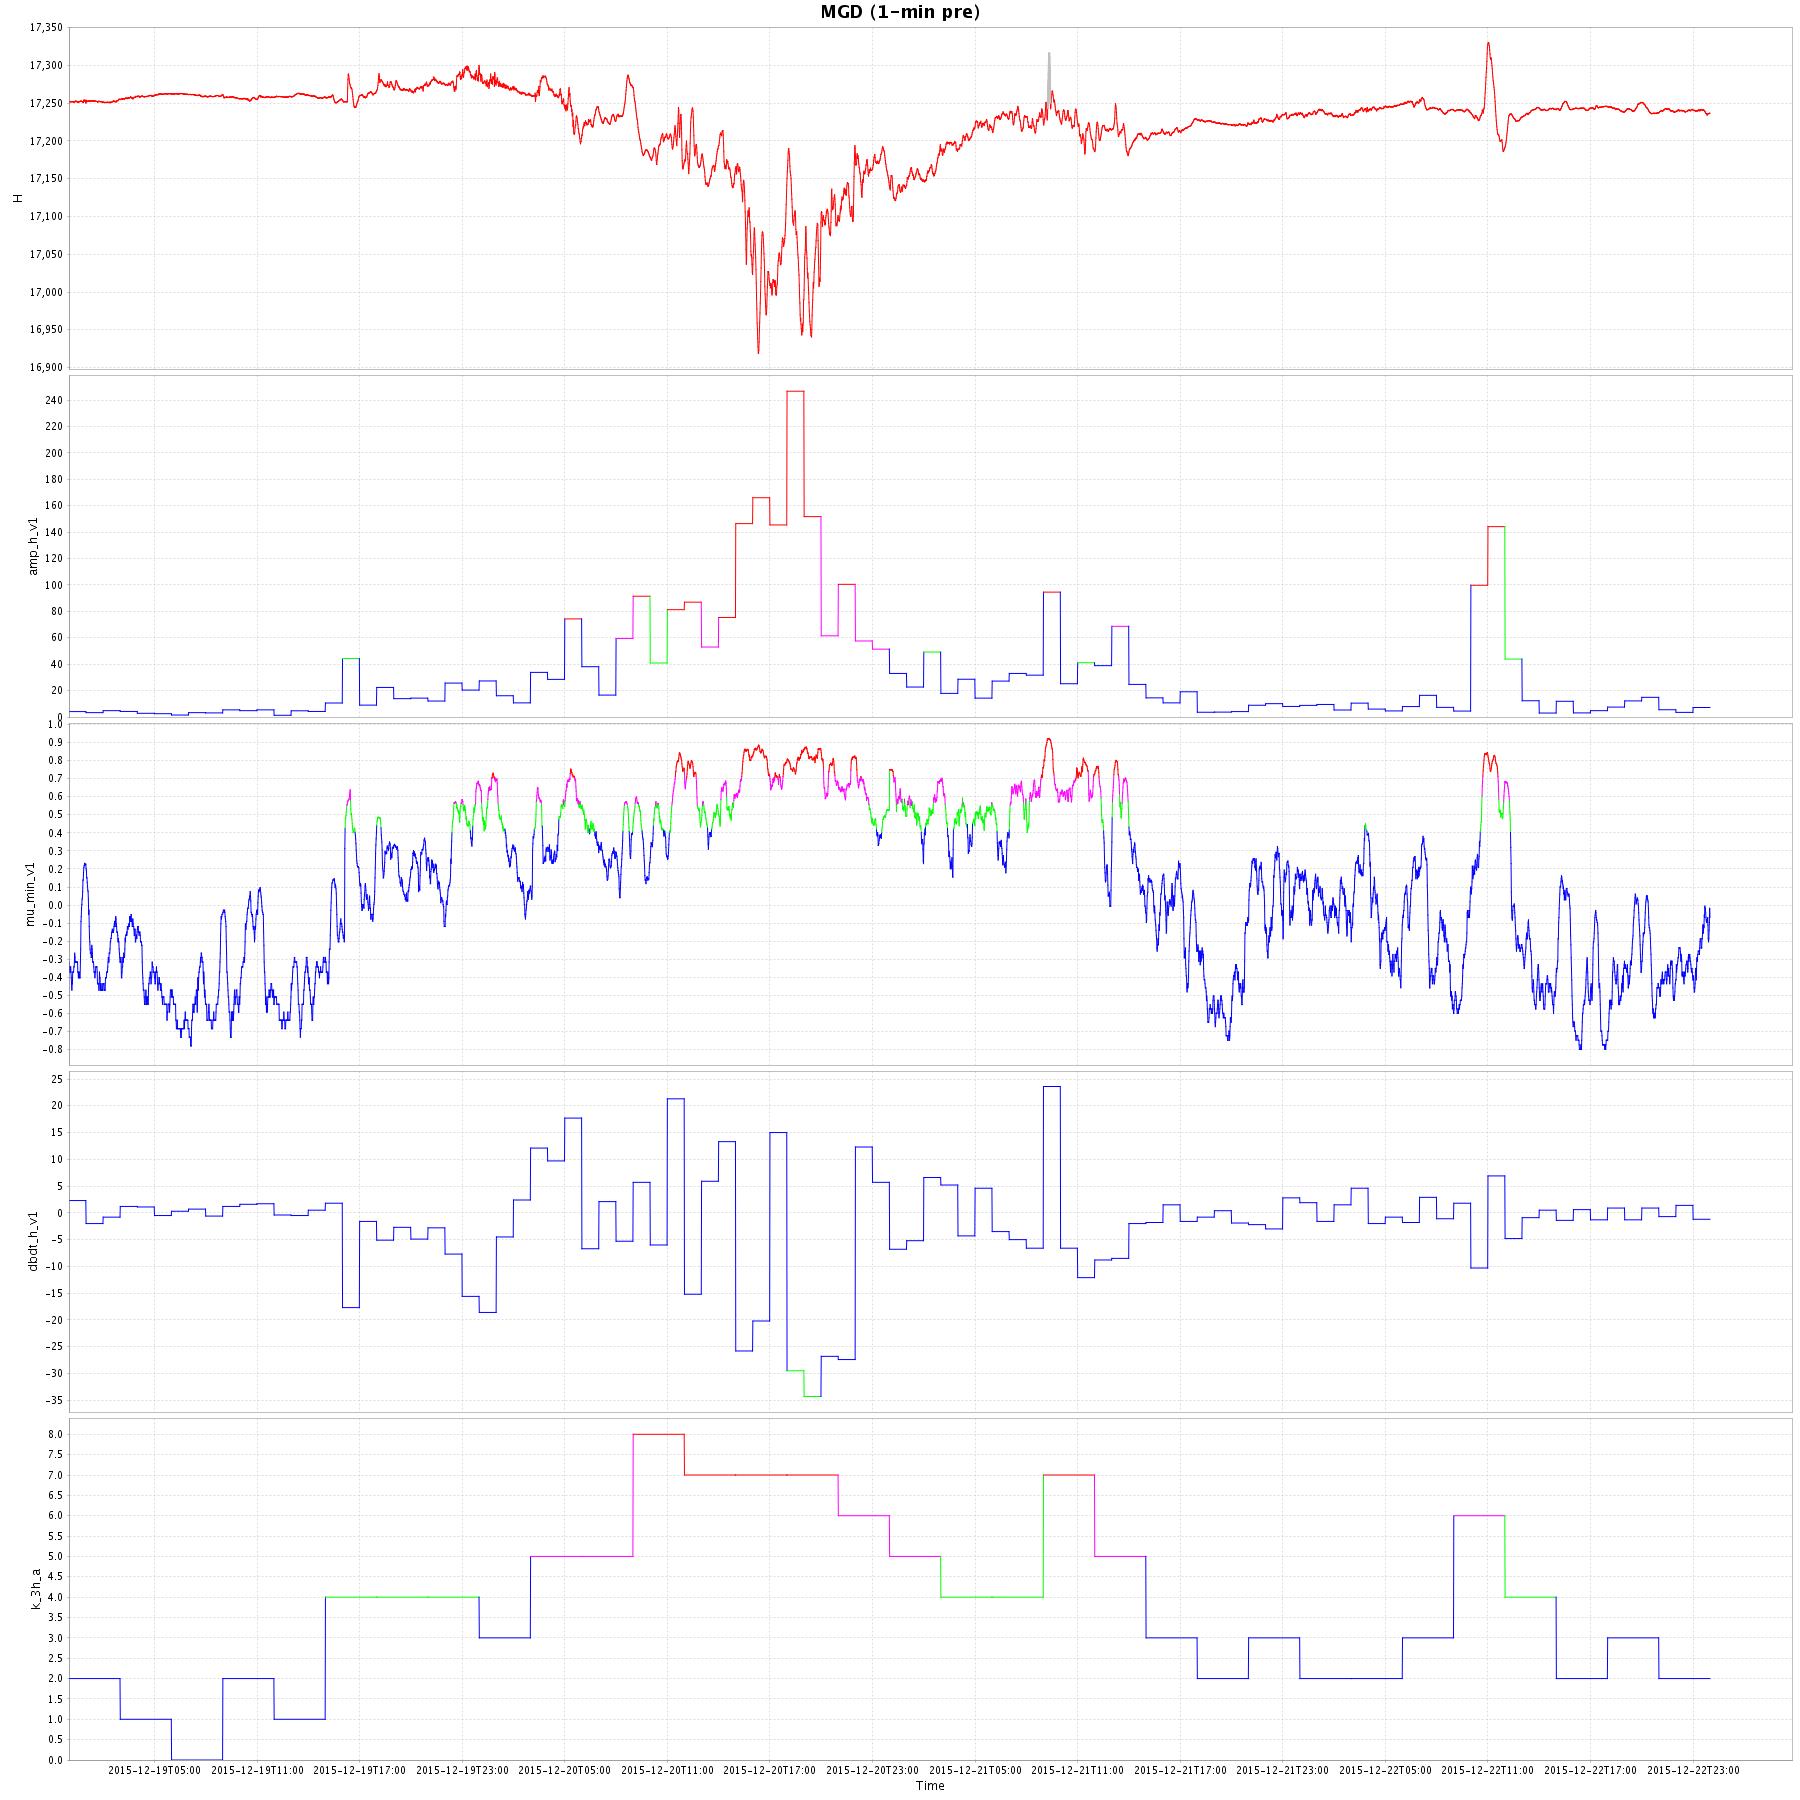 """Результаты оперативного анализа геомагнитной активности на примере данных обсерватории """"Магадан"""" во время магнитной бури 20 декабря 2015 года. Момент внезапного начала магнитной бури отмечен черной стрелкой (предоставлено ГЦ РАН). График - исходная магнитограмма горизонтальной составляющей магнитного поля. На втором графике (ниже) показана оценка часовых амплитуд геомагнитных возмущений. Третий график характеризует меру аномальности поля, построенную на принципах нечеткой математики. На четвертом графике представлена почасовая оценка скорости изменения магнитного поля. На нижнем графике показаны результаты оперативного расчета K-индекса геомагнитной активности. На графиках перечисленных индикаторов геомагнитной активности красным цветом отмечены сильно аномальные значения, фиолетовым - аномальные значения, зеленым - слабо аномальные значения и синим - фоновые значения"""